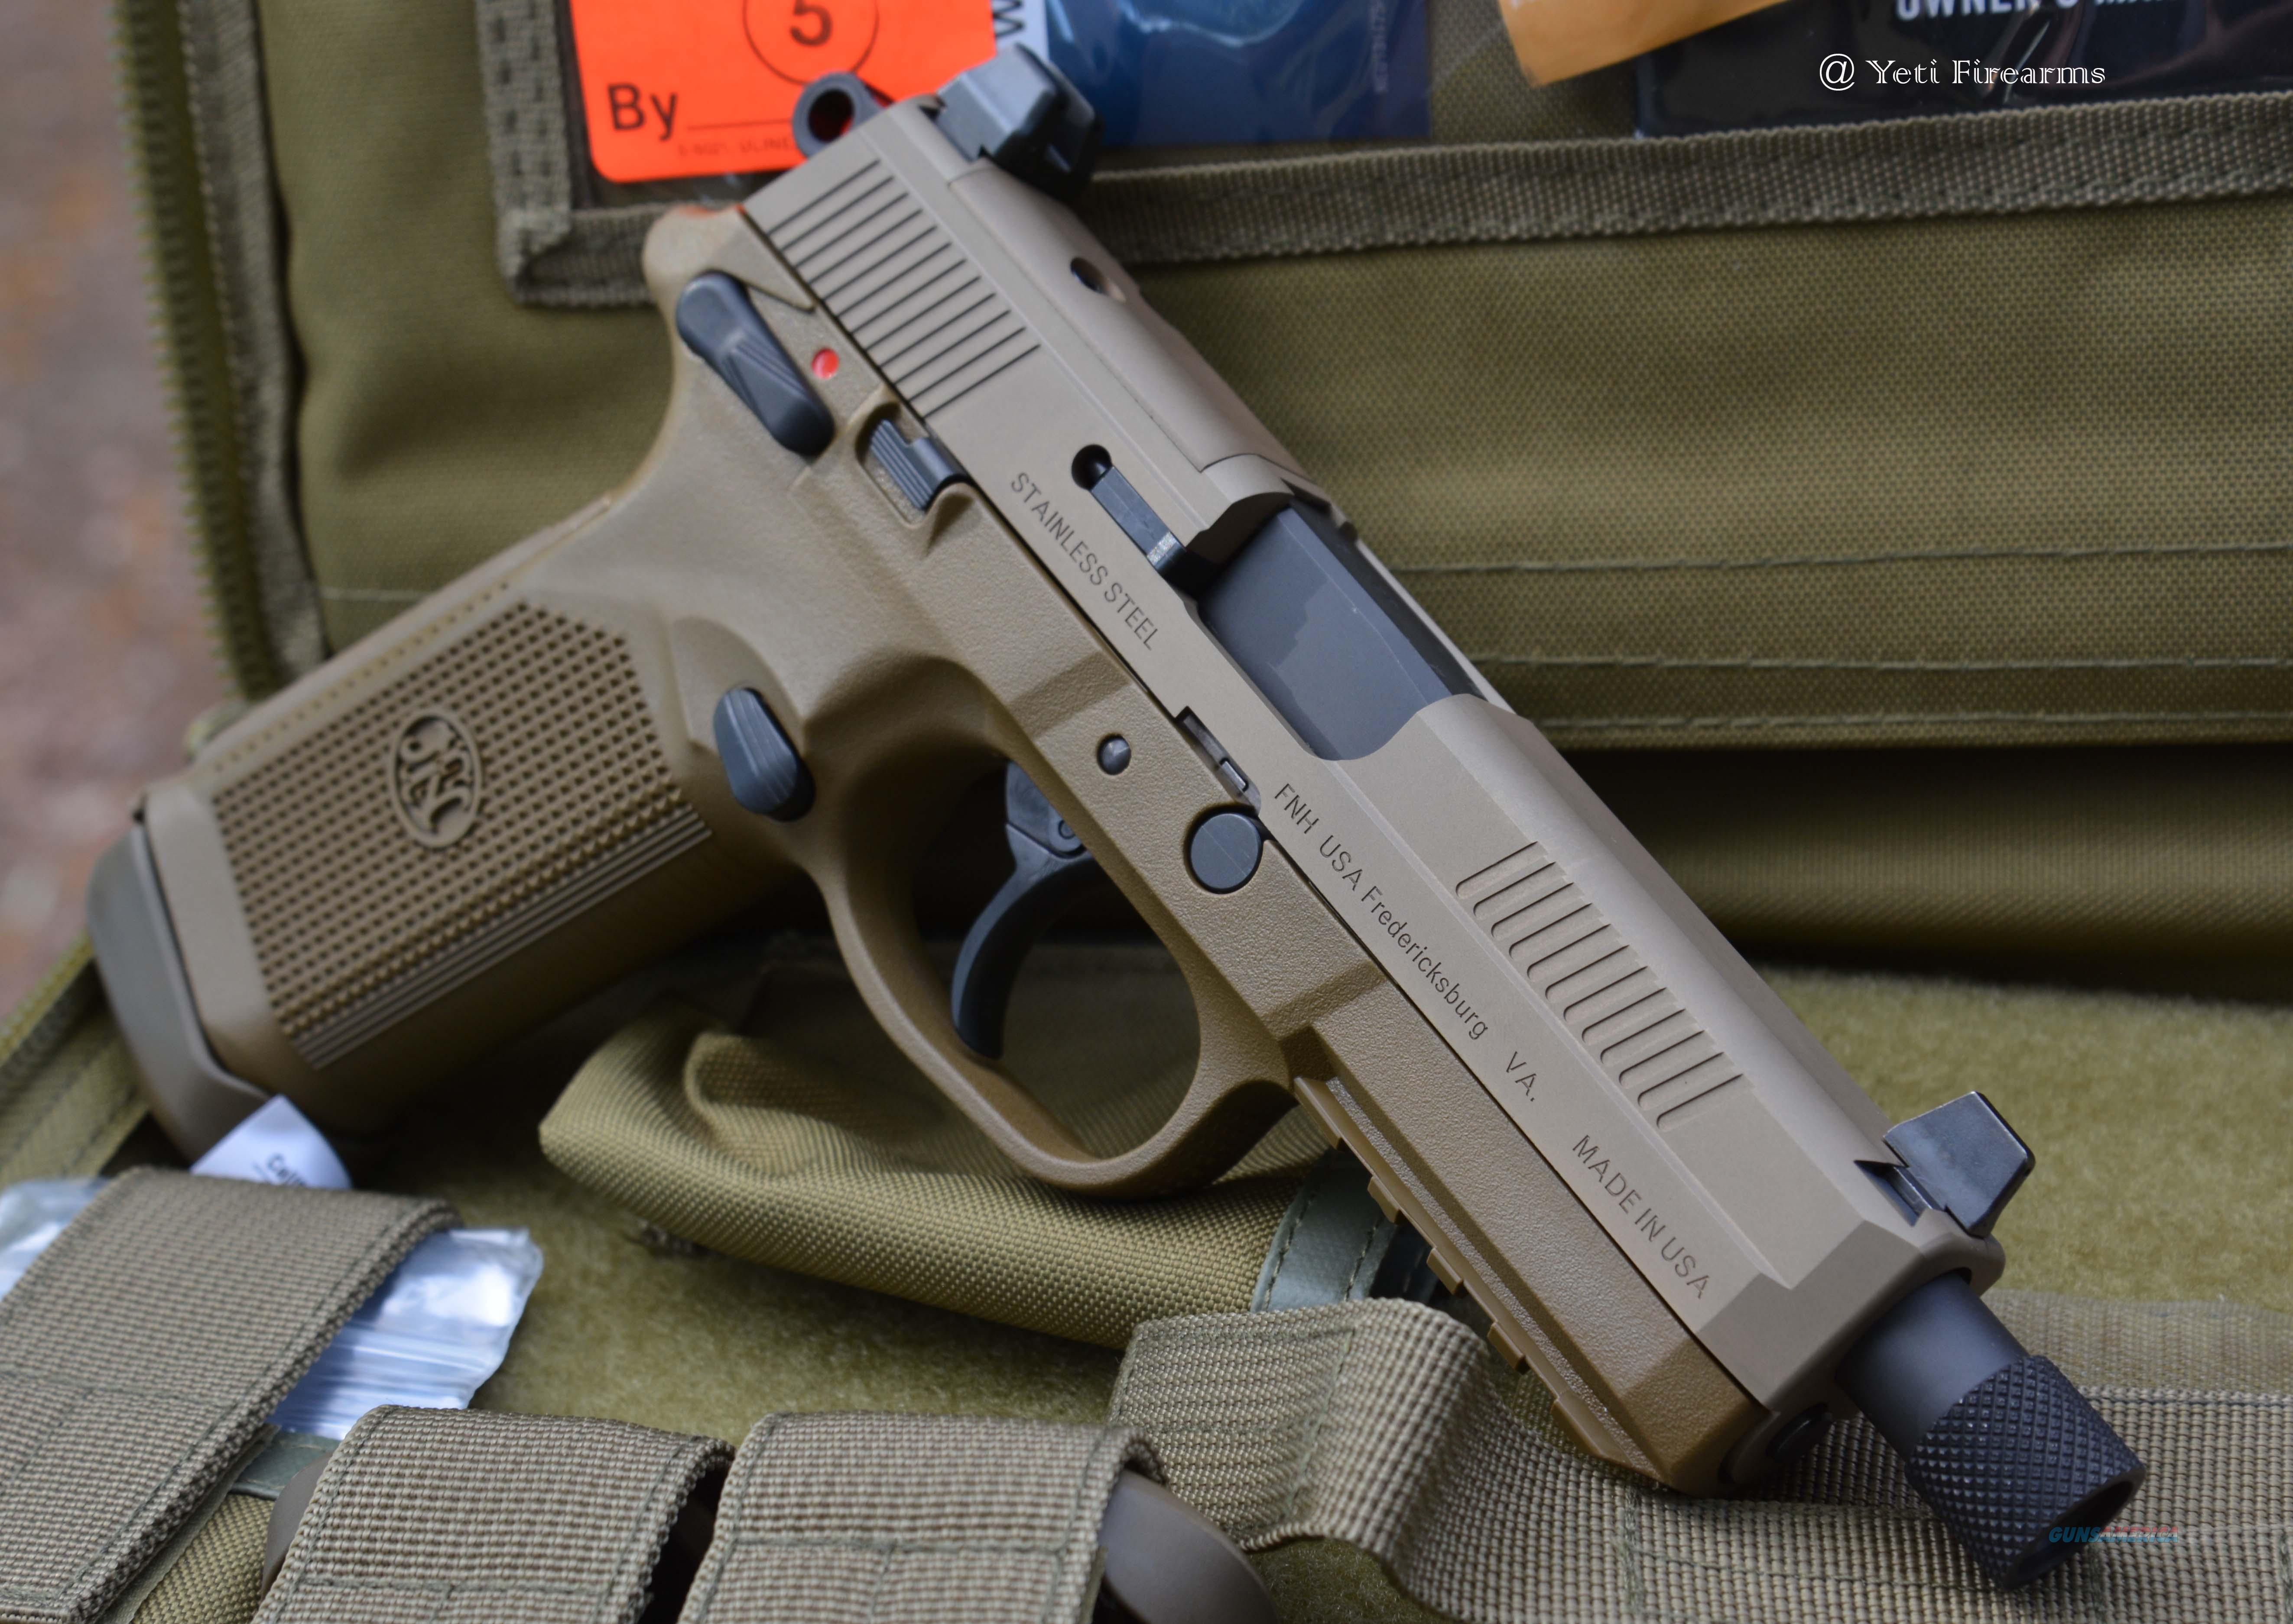 FNH FNX-45 TACTICAL .45ACP THREADED BARREL BLK